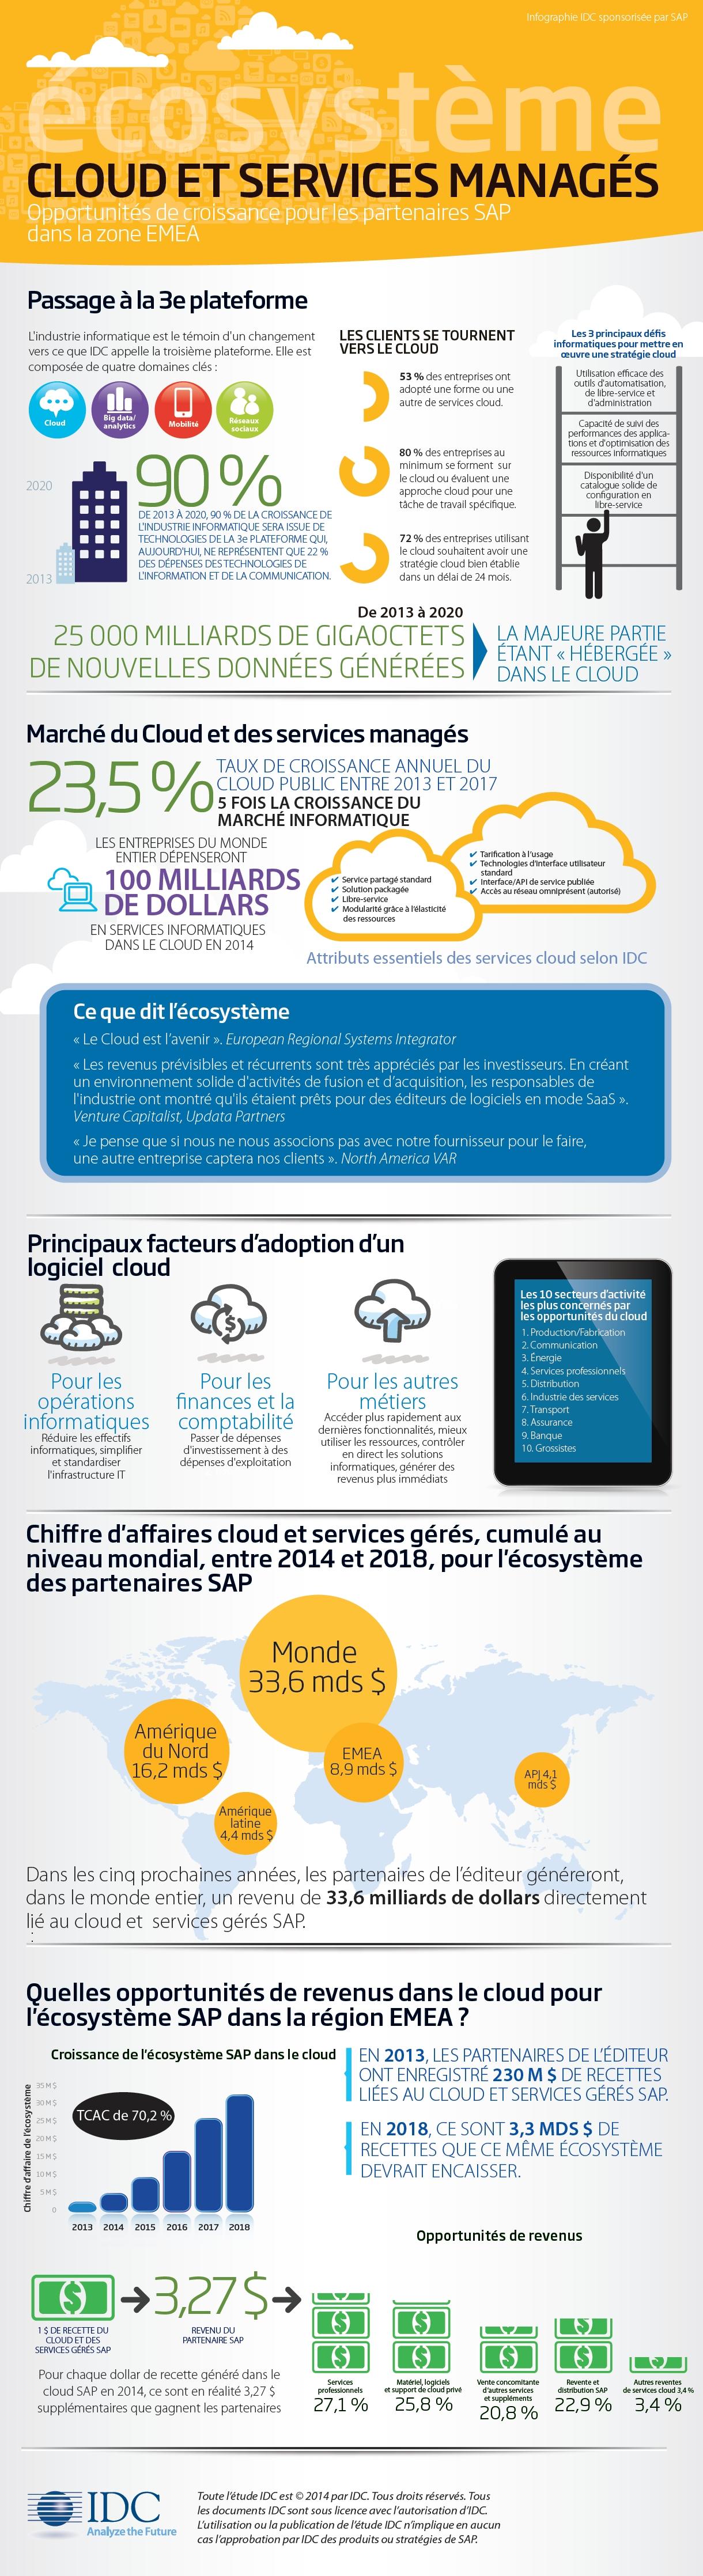 Etude IDC : les partenaires de SAP génèreront 33,6 millions de dollars directement liés au cloud et services managés dans les 5 ans (infographie)